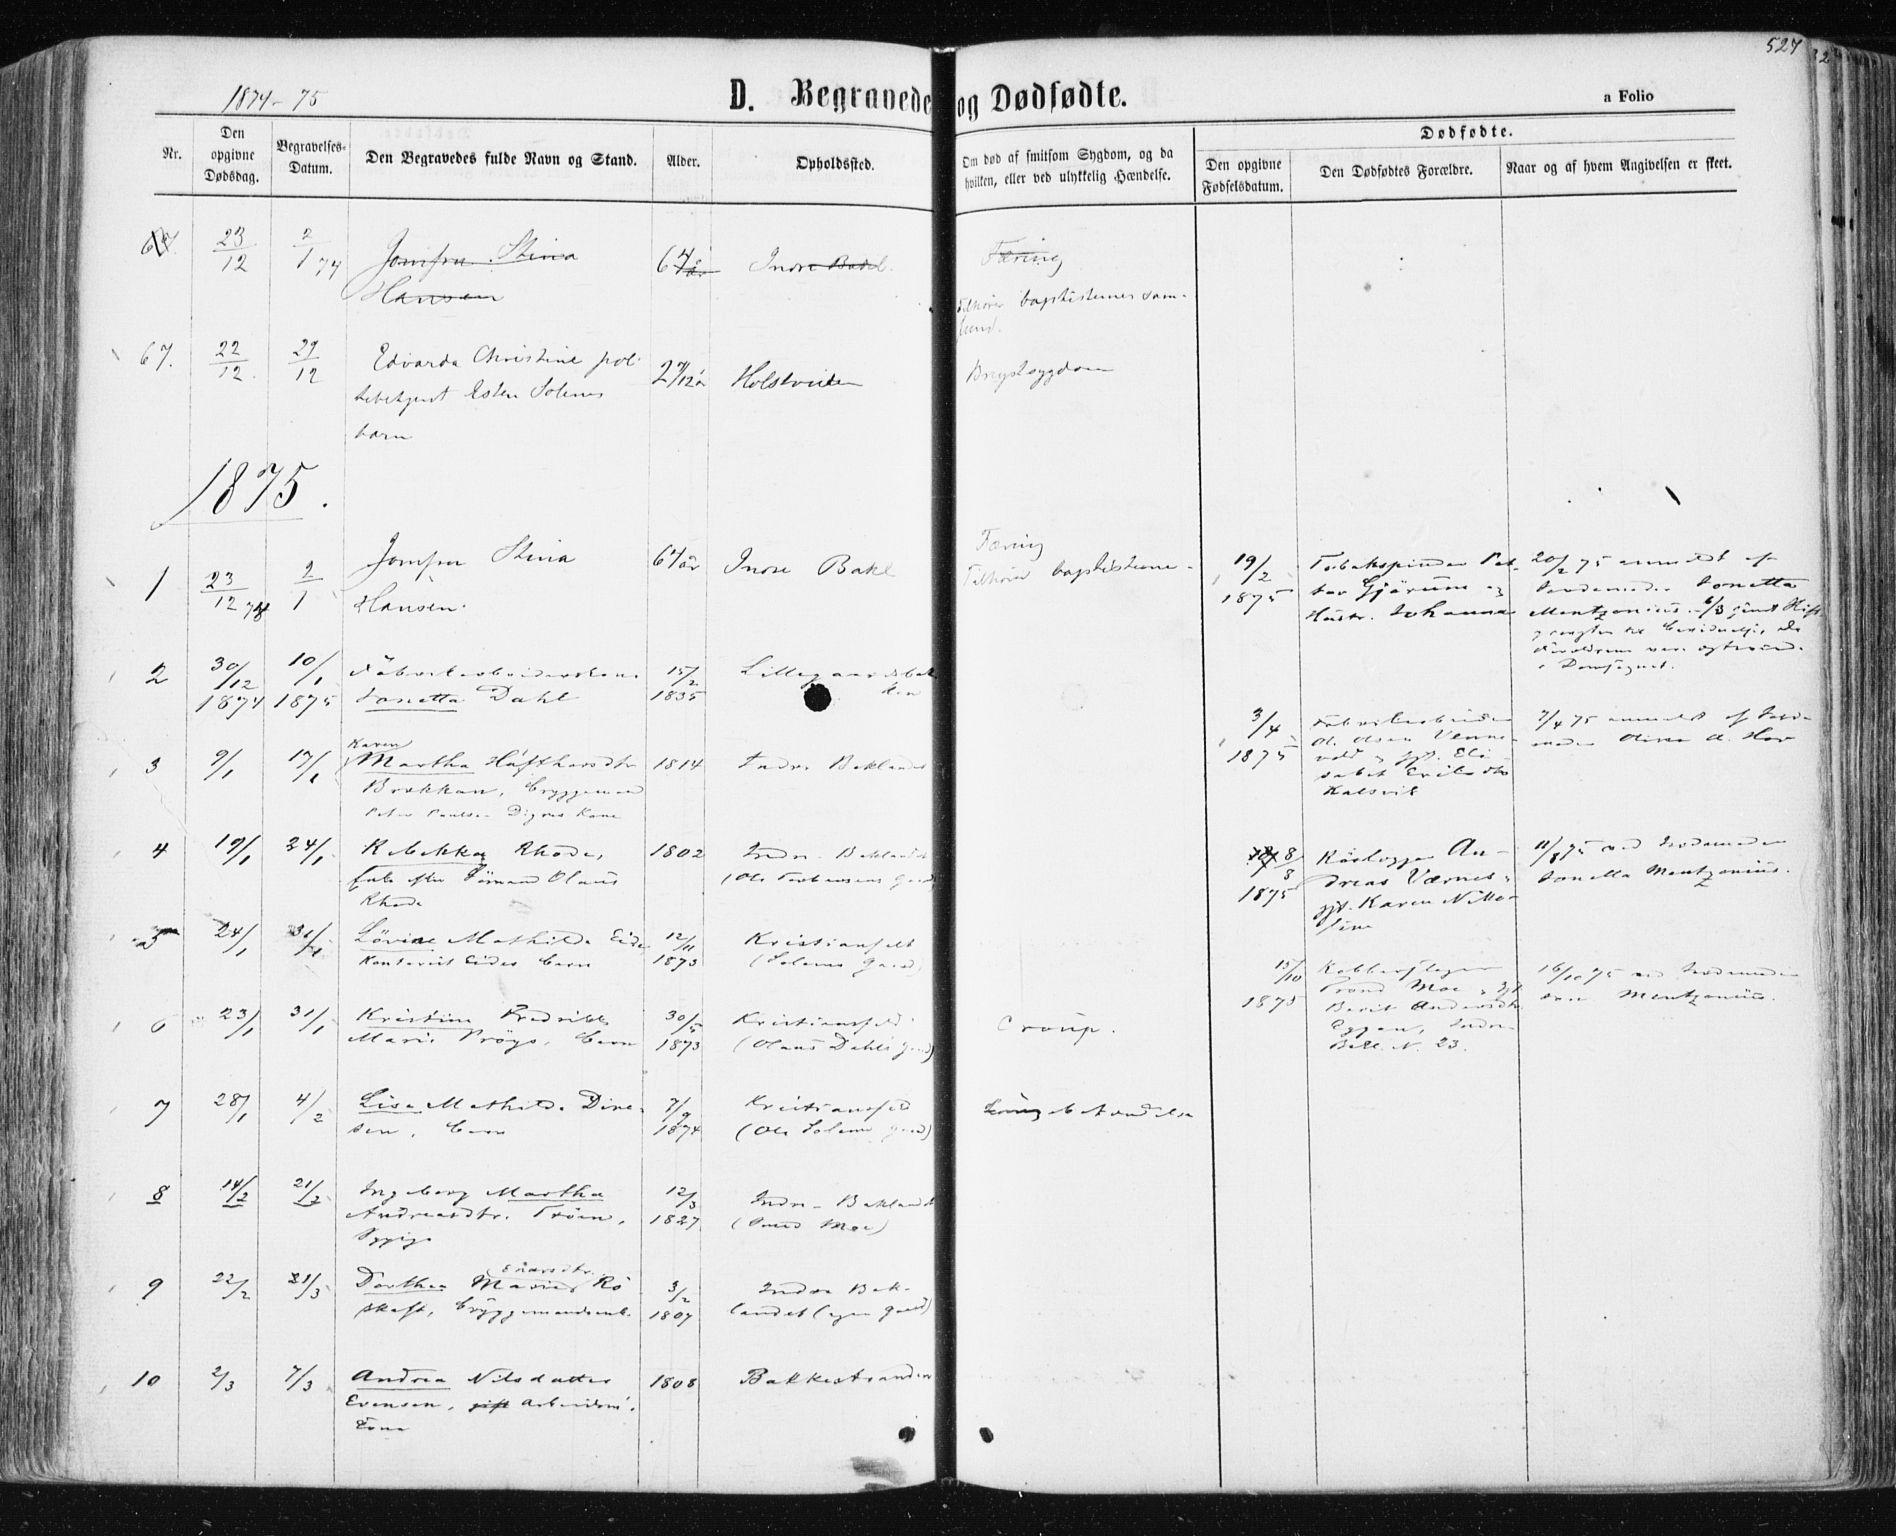 SAT, Ministerialprotokoller, klokkerbøker og fødselsregistre - Sør-Trøndelag, 604/L0186: Ministerialbok nr. 604A07, 1866-1877, s. 527